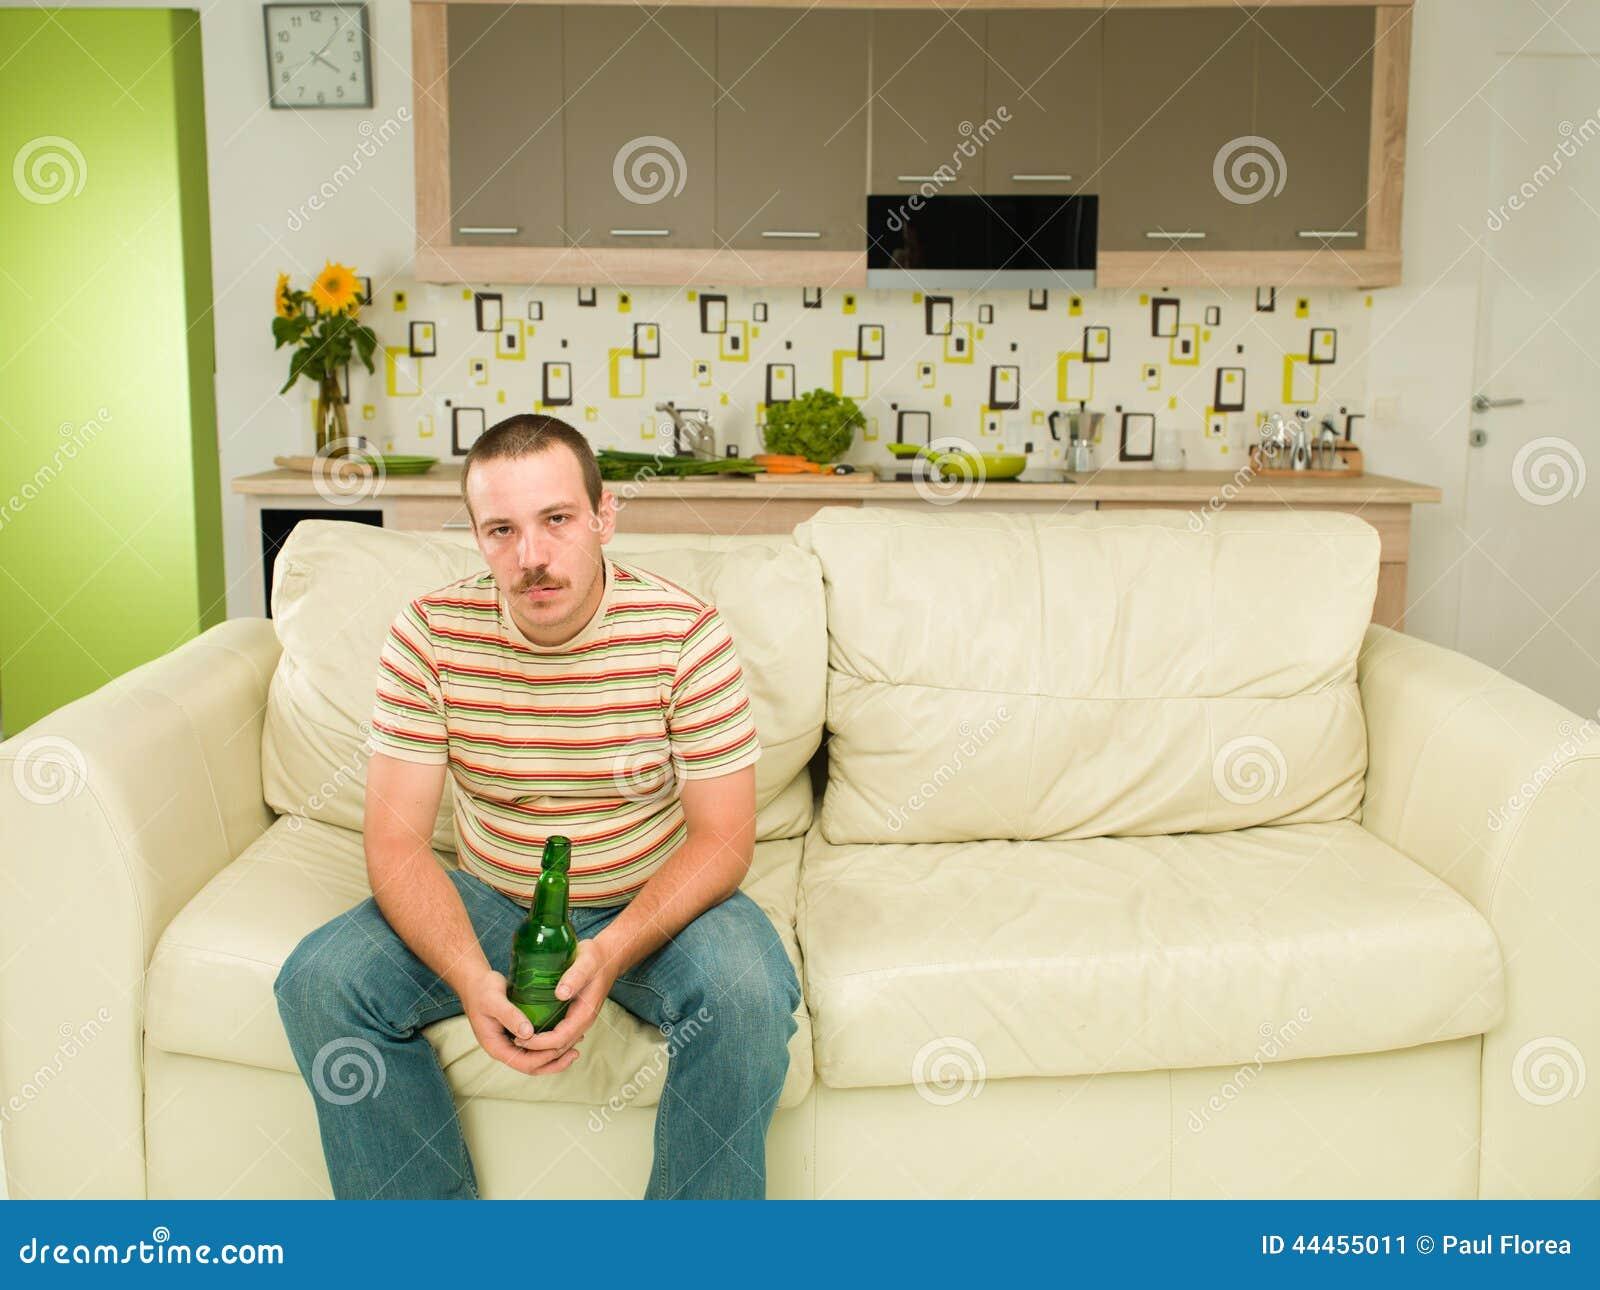 m der mann der allein auf einer couch sitzt stockfoto bild 44455011. Black Bedroom Furniture Sets. Home Design Ideas